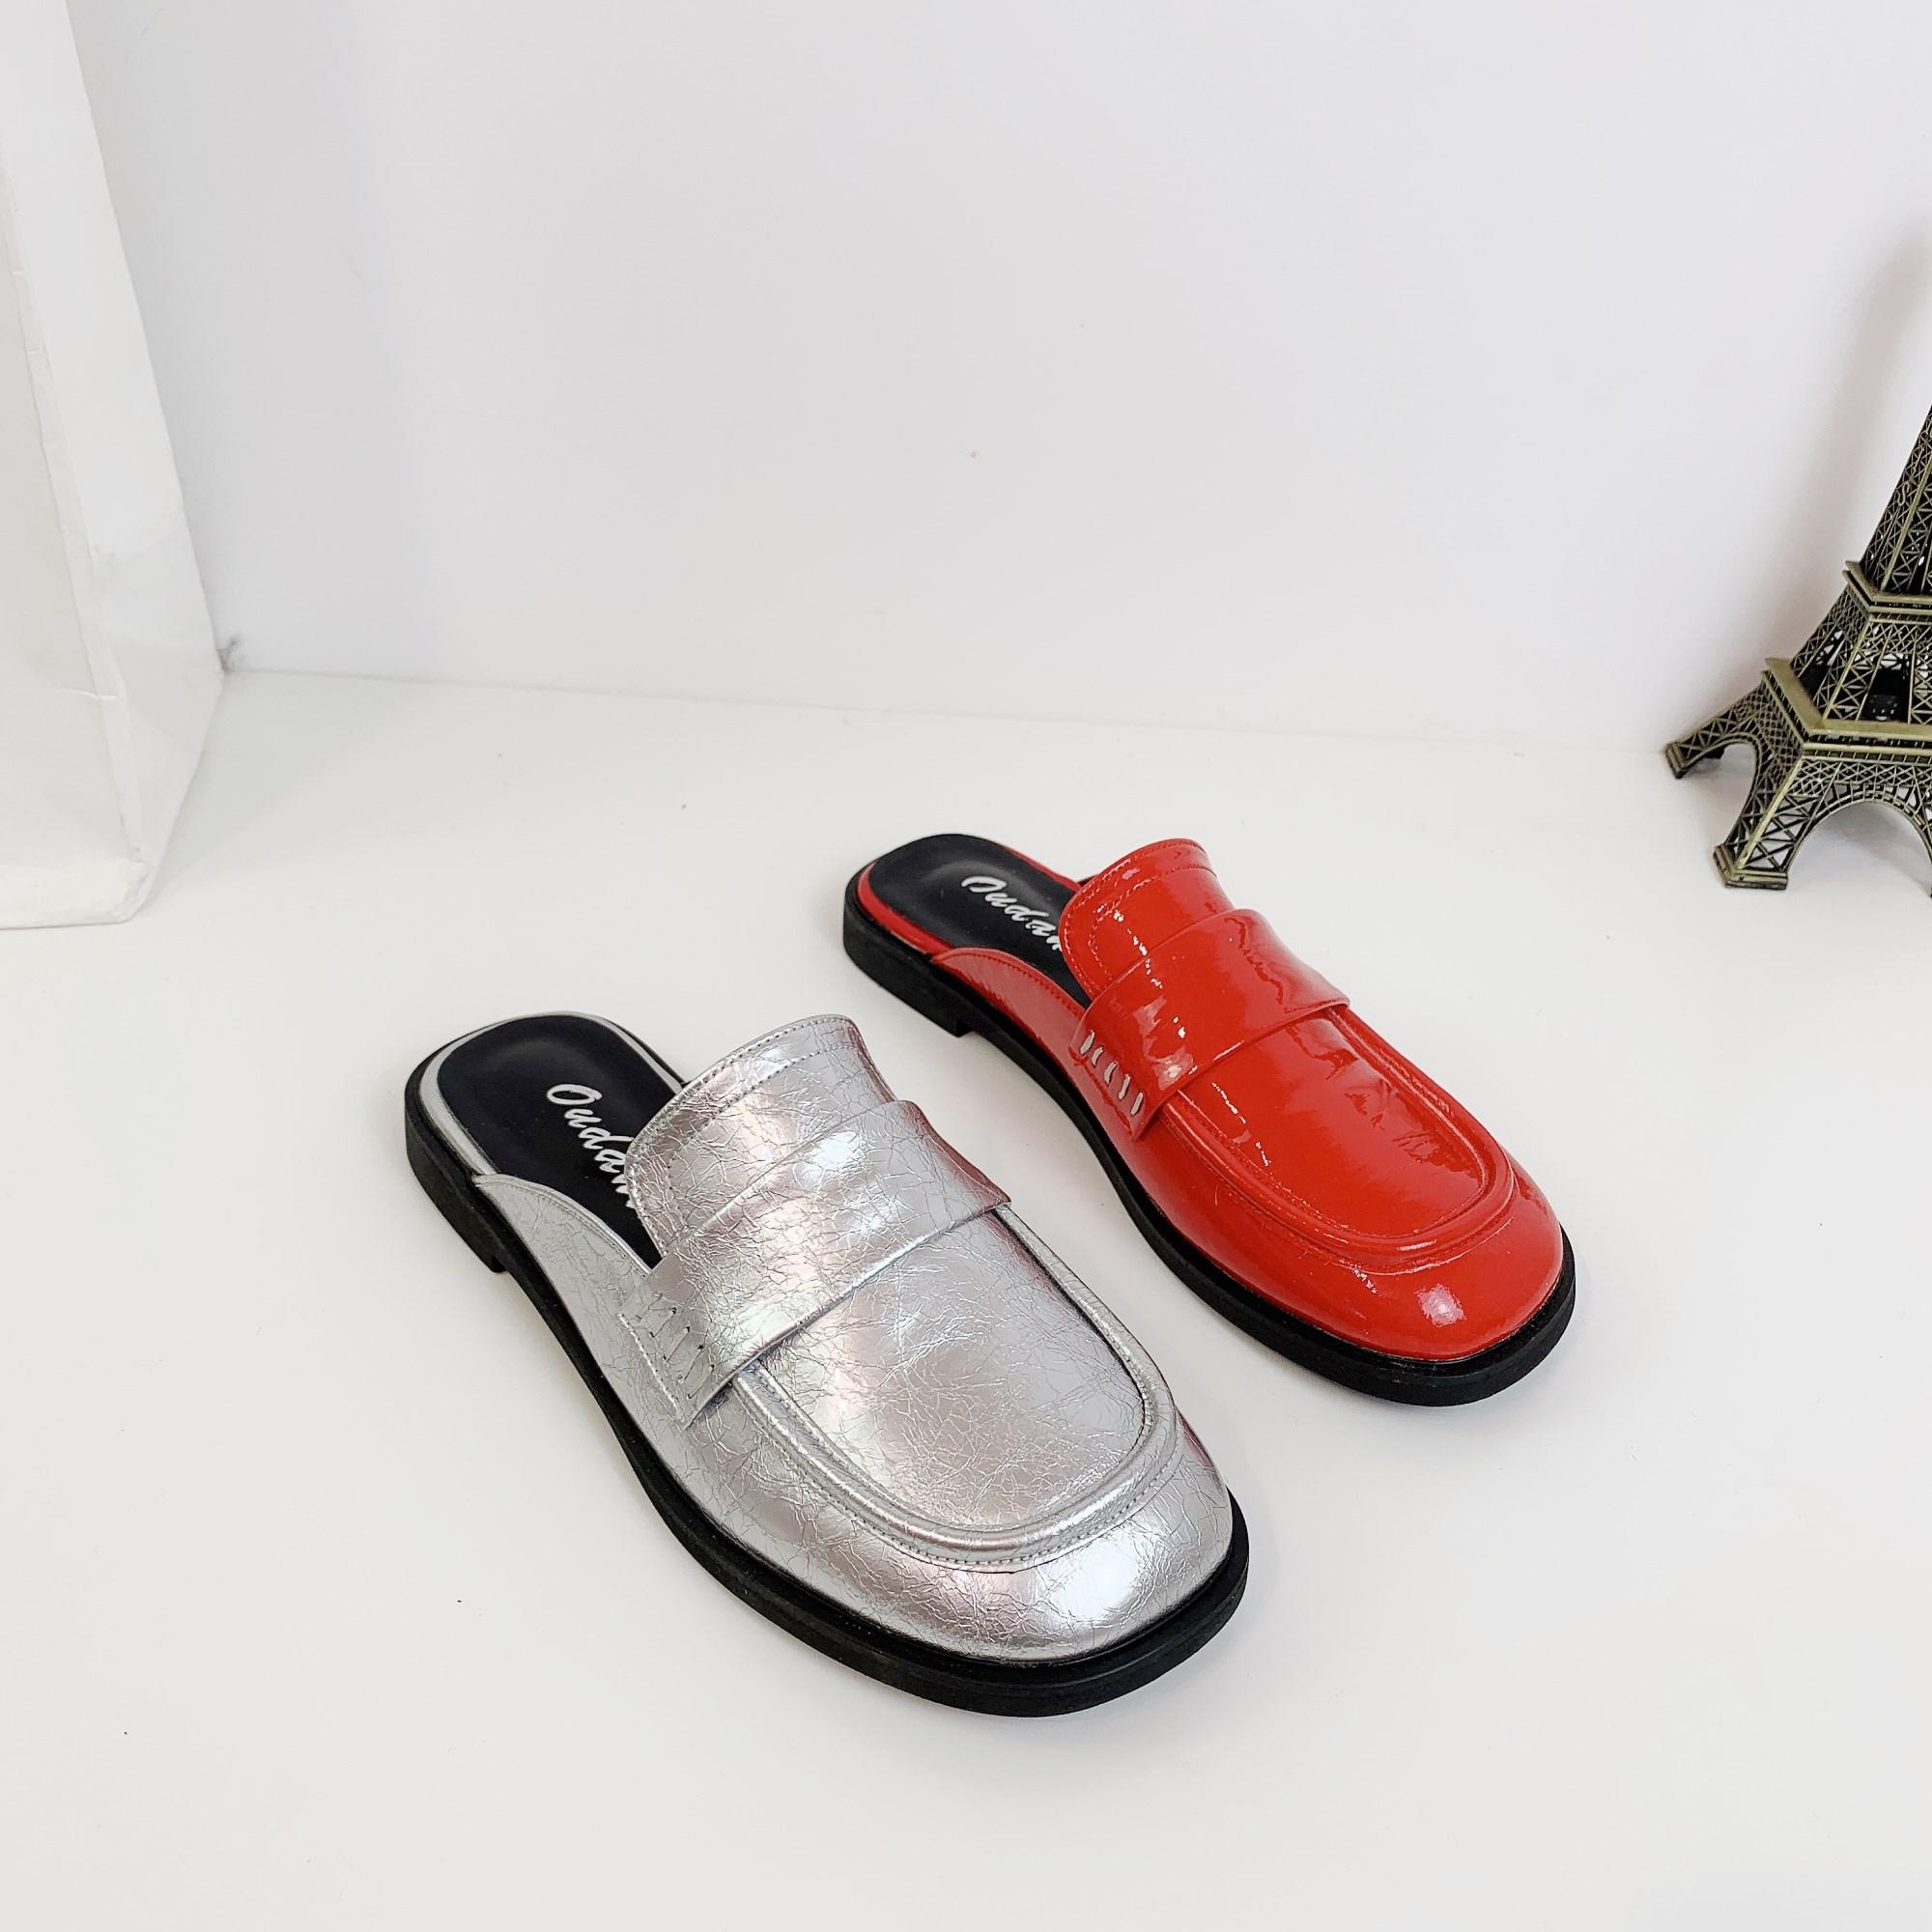 版懒人凉鞋拖网红女鞋季新款平底限3000张券